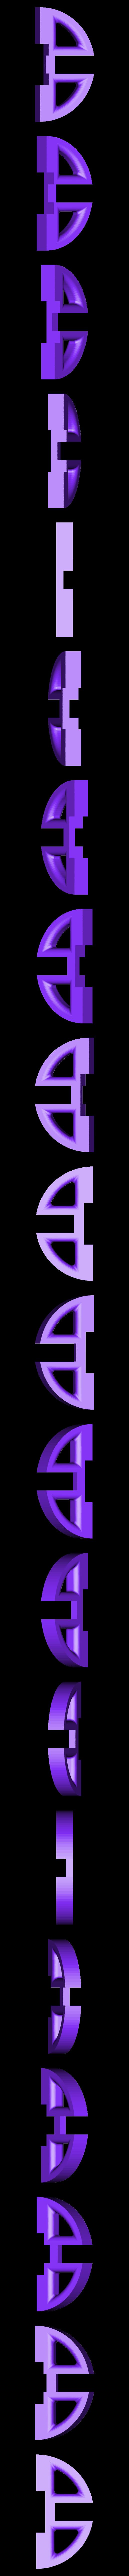 D.stl Télécharger fichier STL gratuit Puzzle Saturnus • Objet à imprimer en 3D, mtairymd